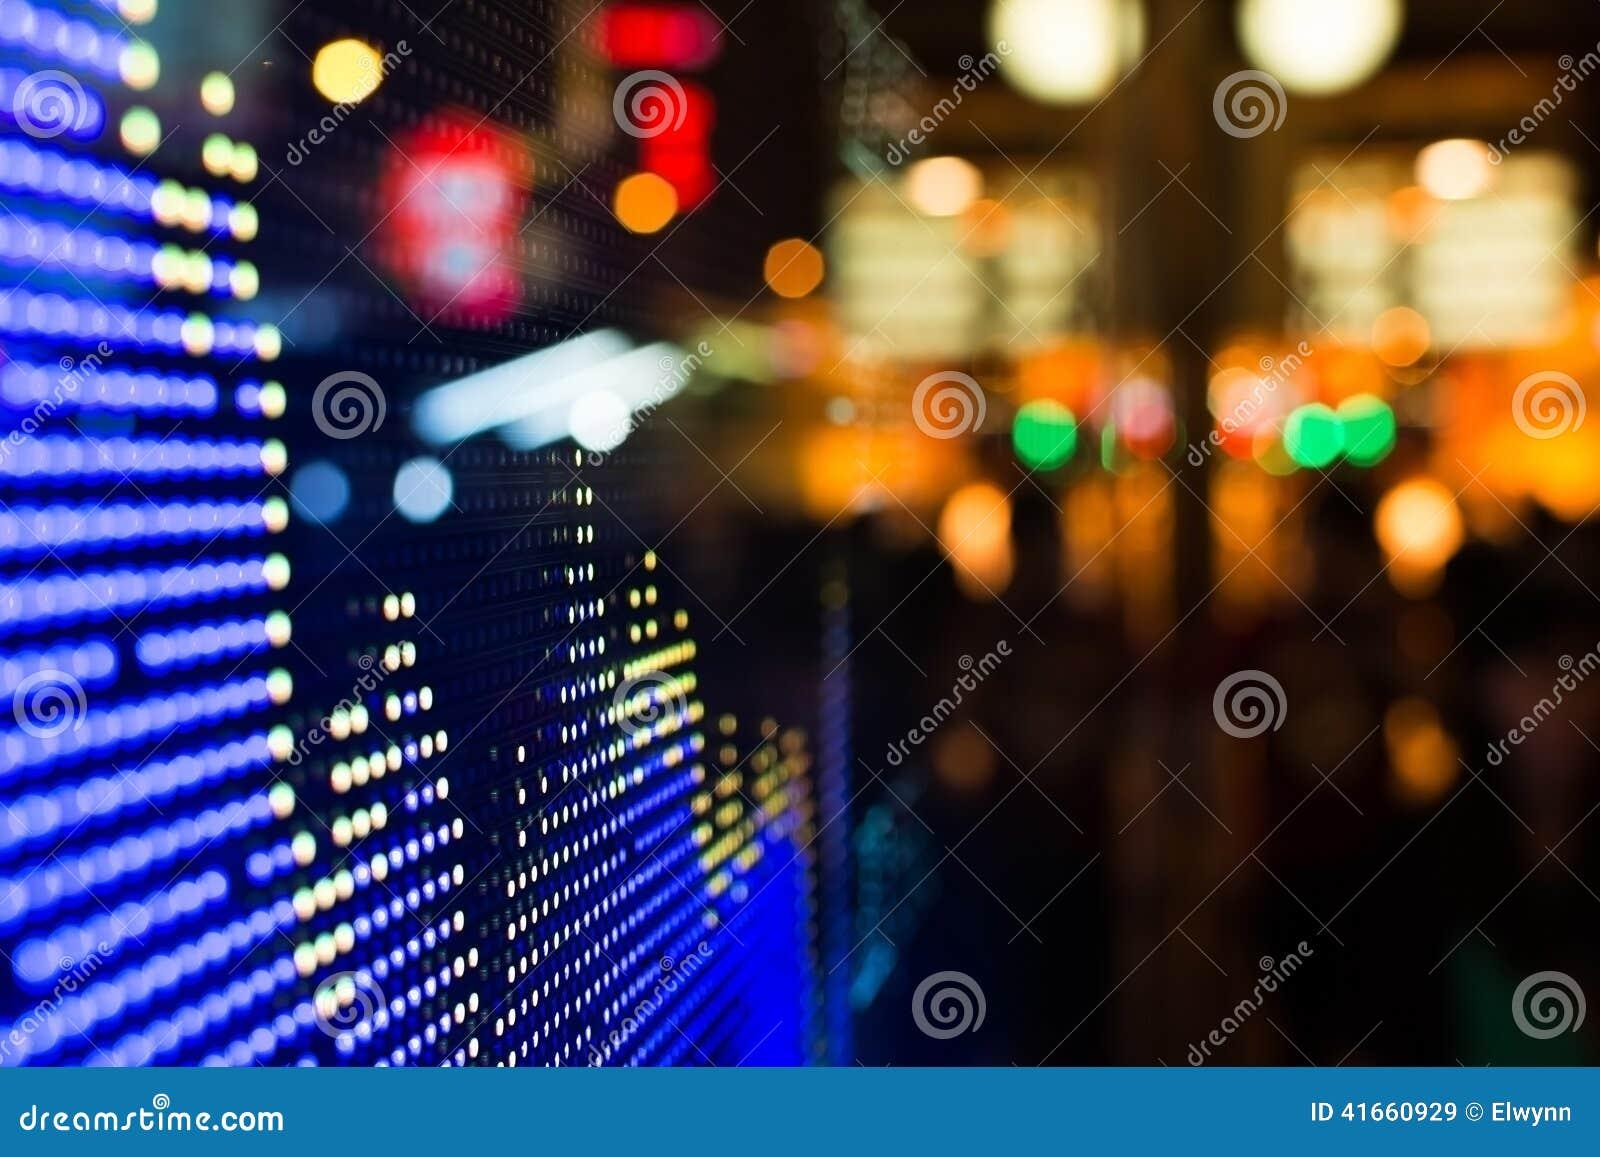 Дисплей рыночной цены фондовой биржи